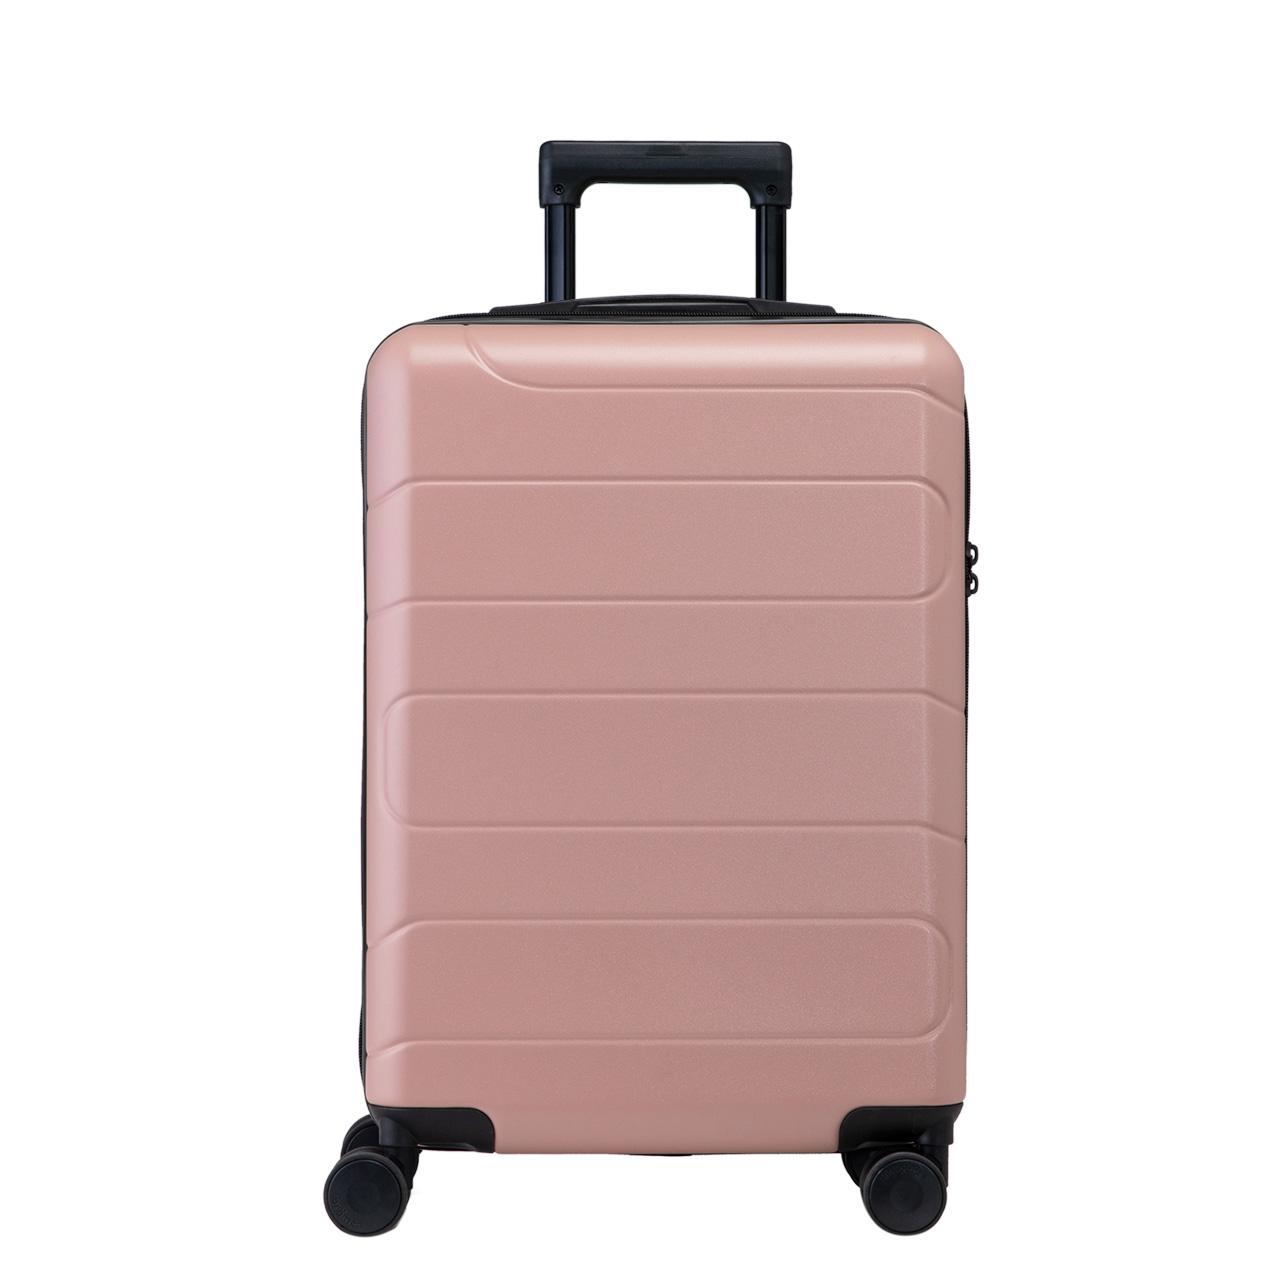 寸万向轮学生男旅行箱大容量 24 寸韩版小清新拉杆箱 20 小云行李箱女